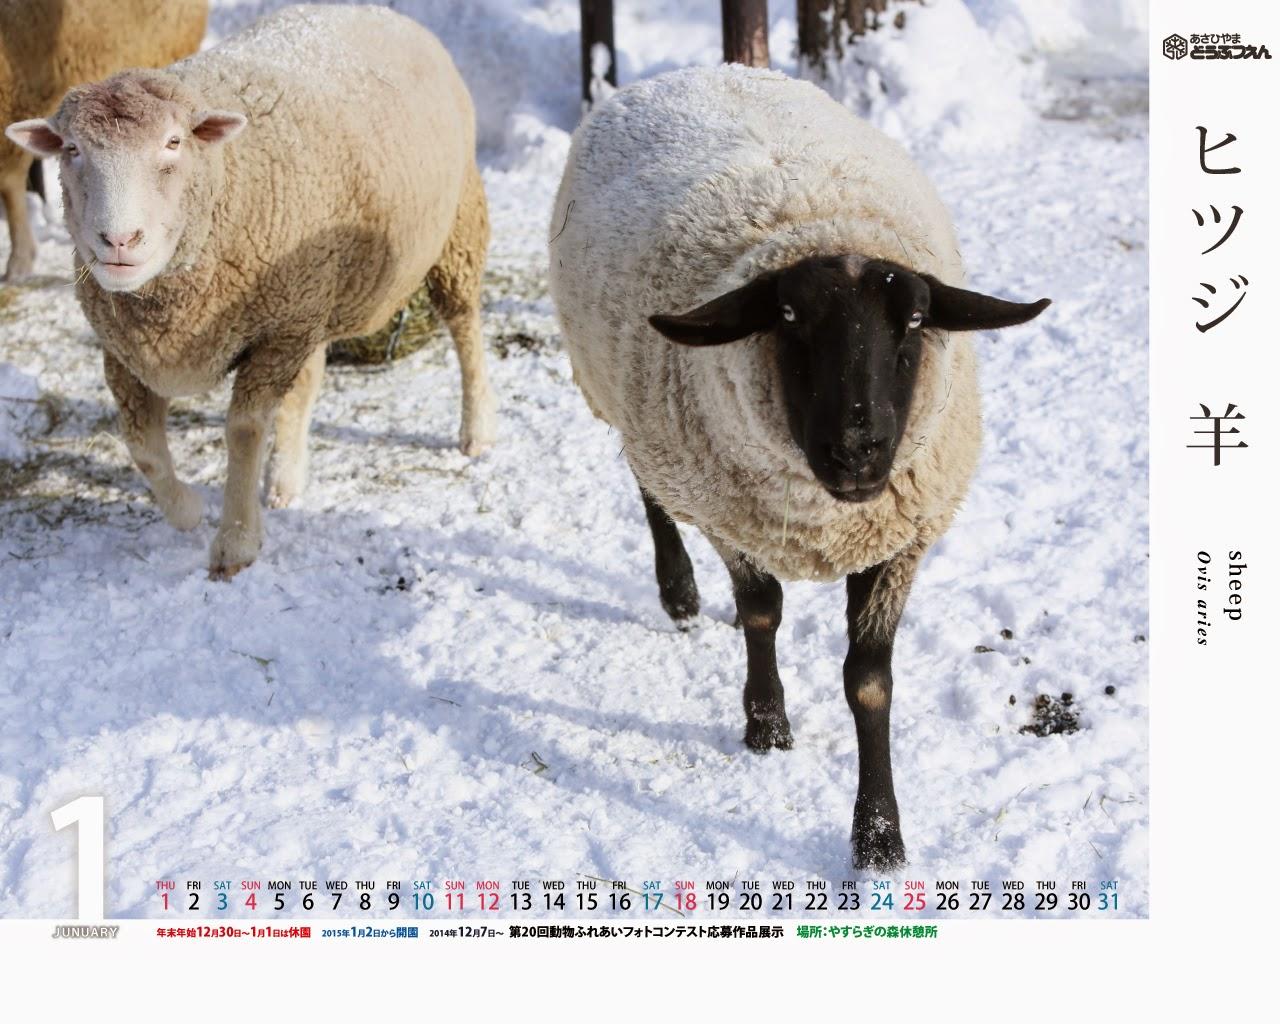 今月の壁紙カレンダー 15年1月壁紙カレンダー